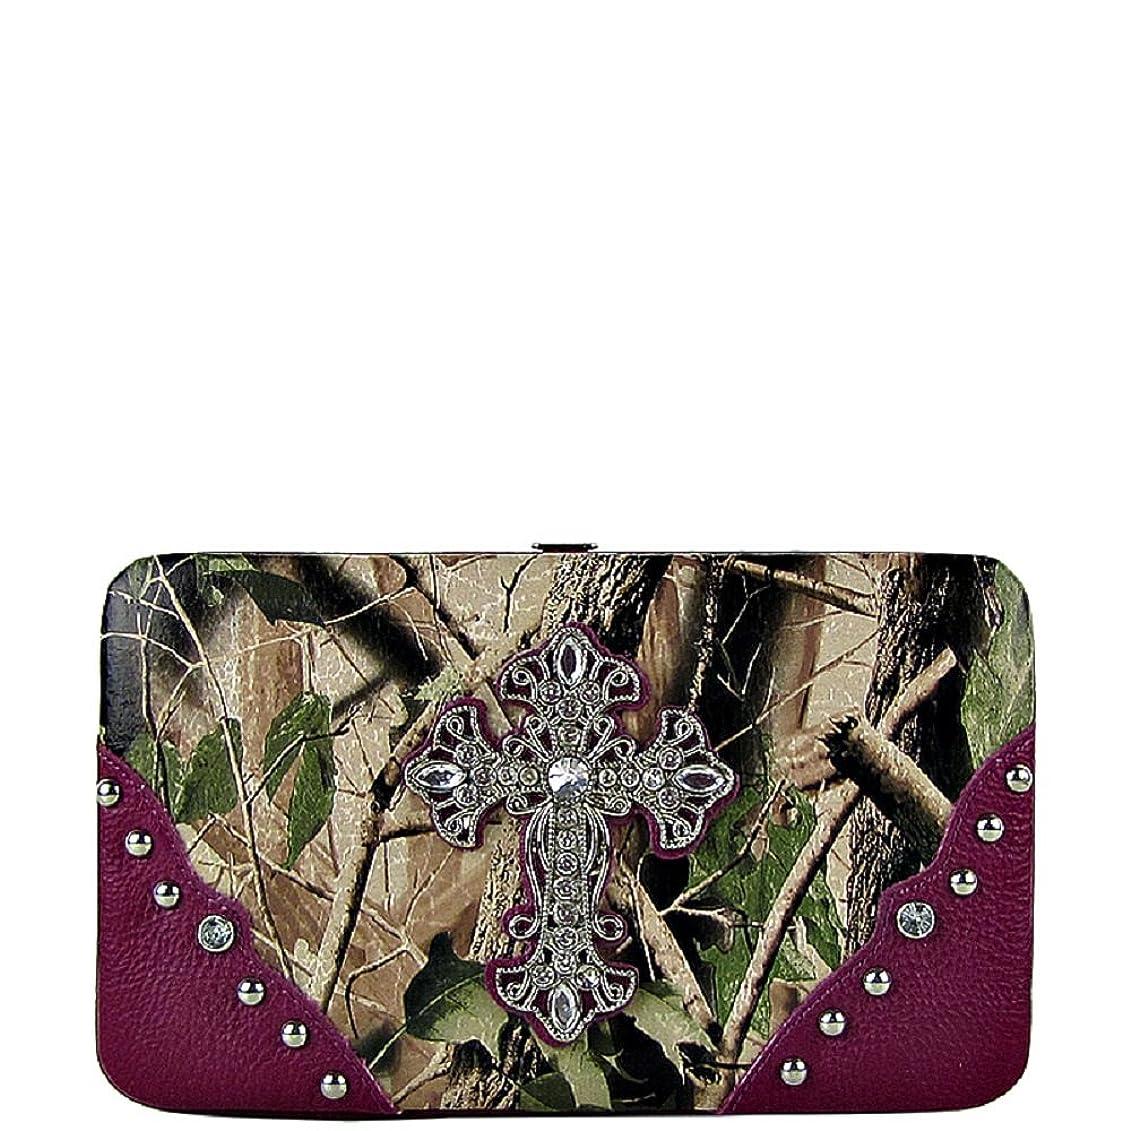 医学楕円形骨折Handbag Inc ACCESSORY レディース カラー: パープル